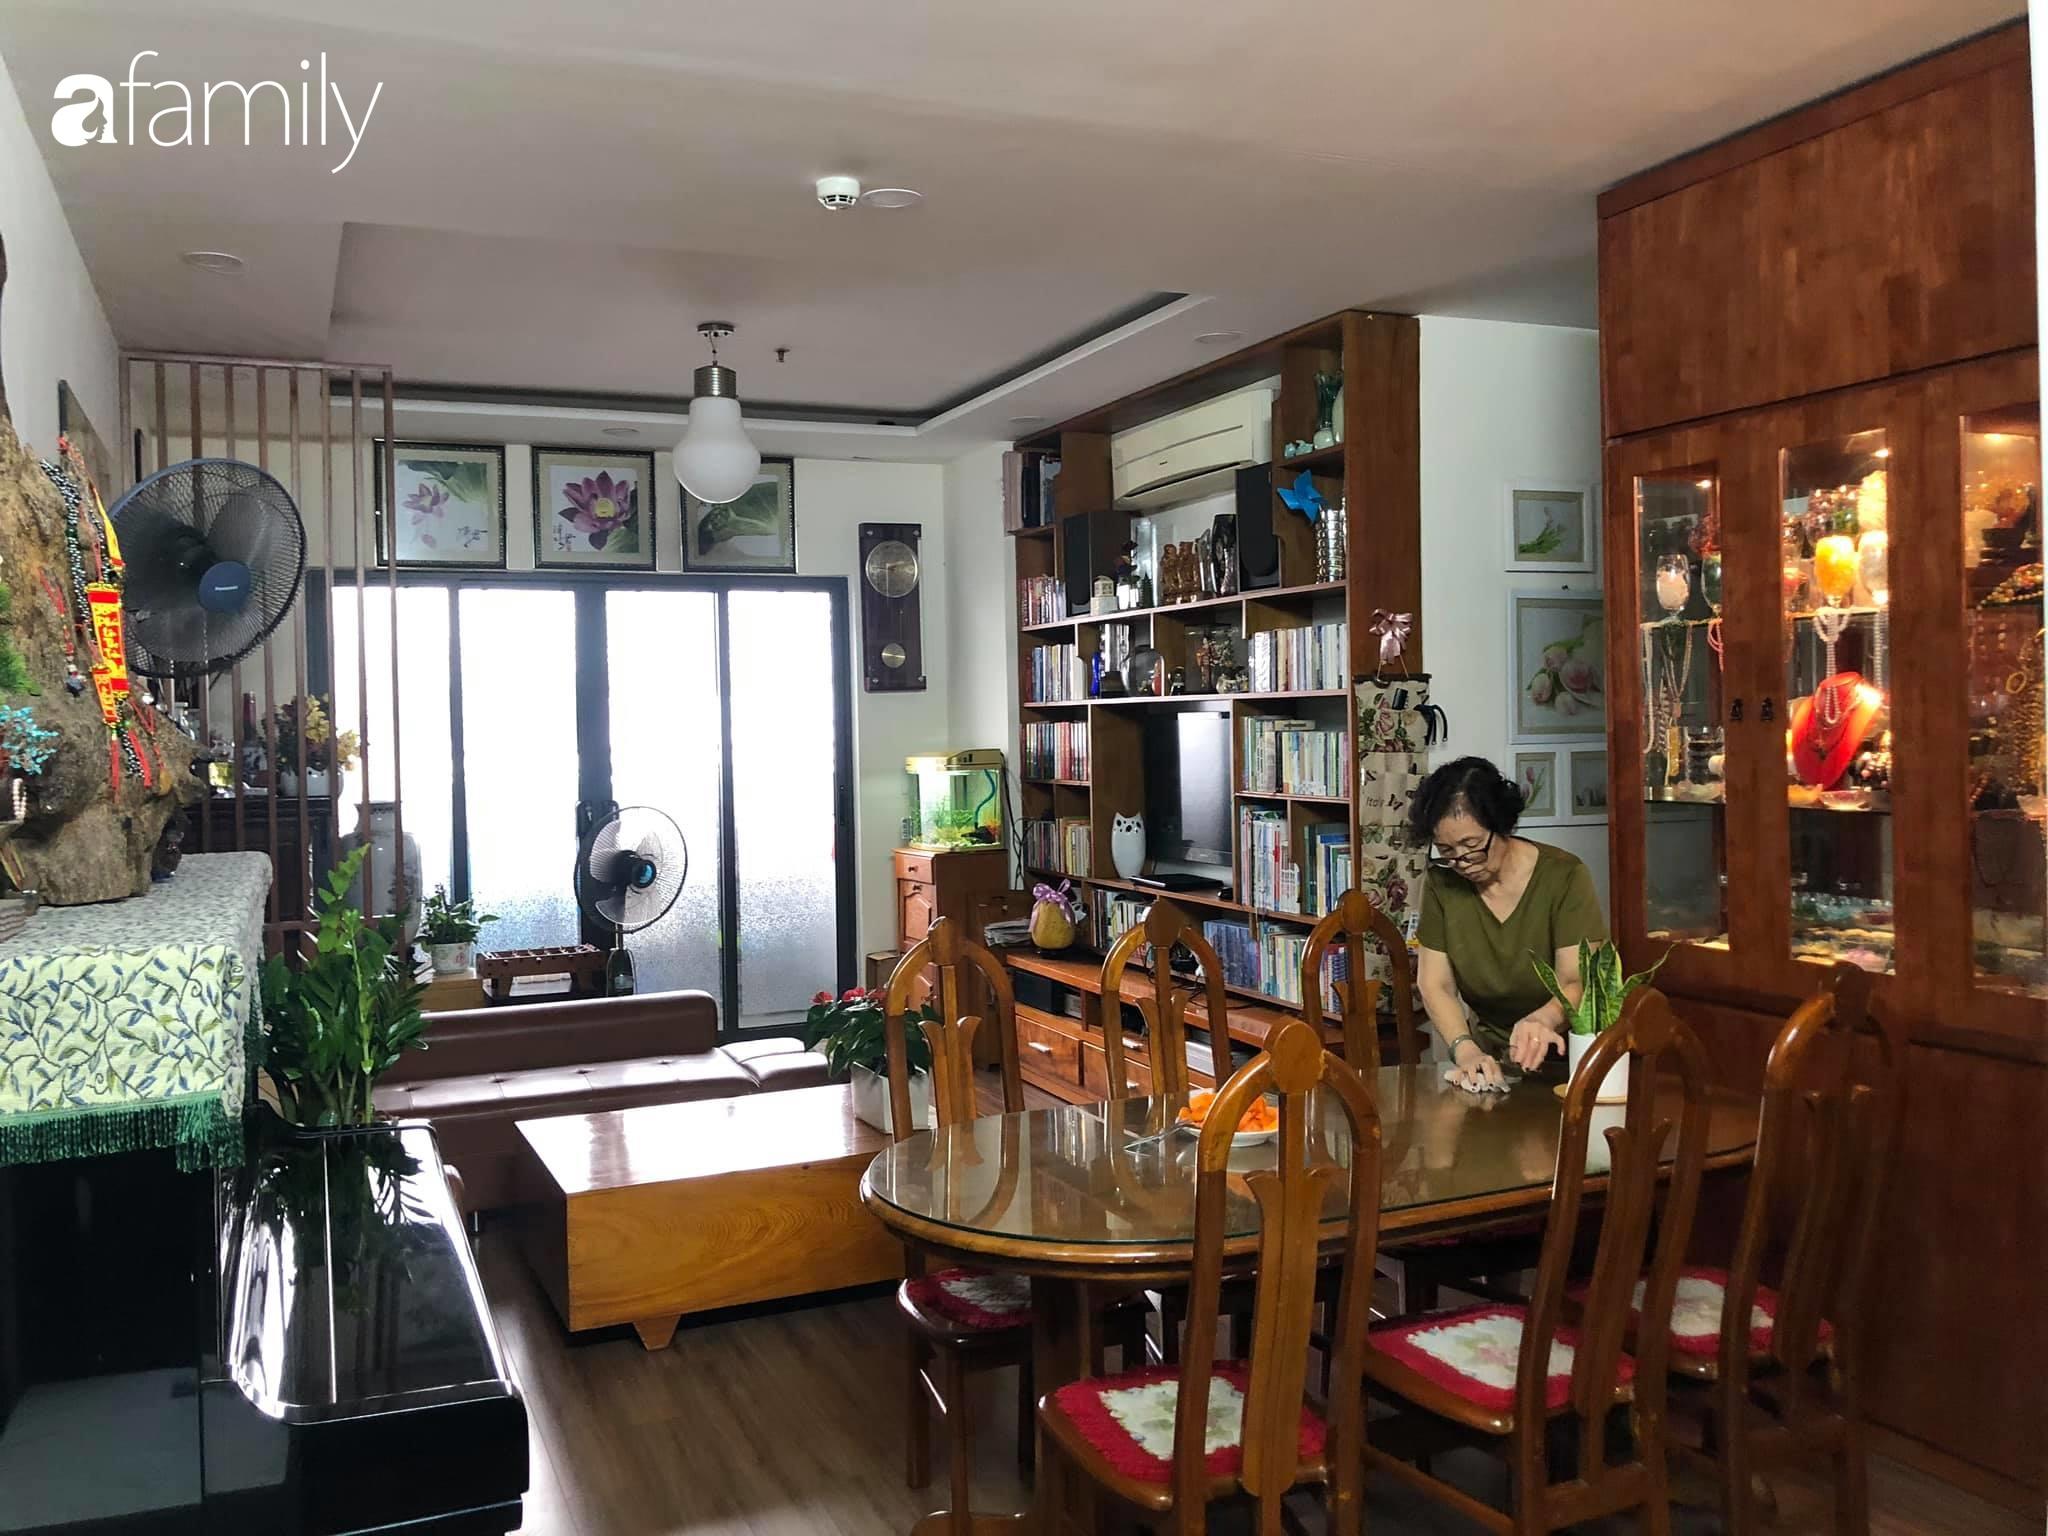 Ngắm căn hộ chung cư ngập tràn tình yêu thương và câu chuyện từ bàn tay chăm chút của người mẹ tảo tần tại Quảng Ninh - Ảnh 4.